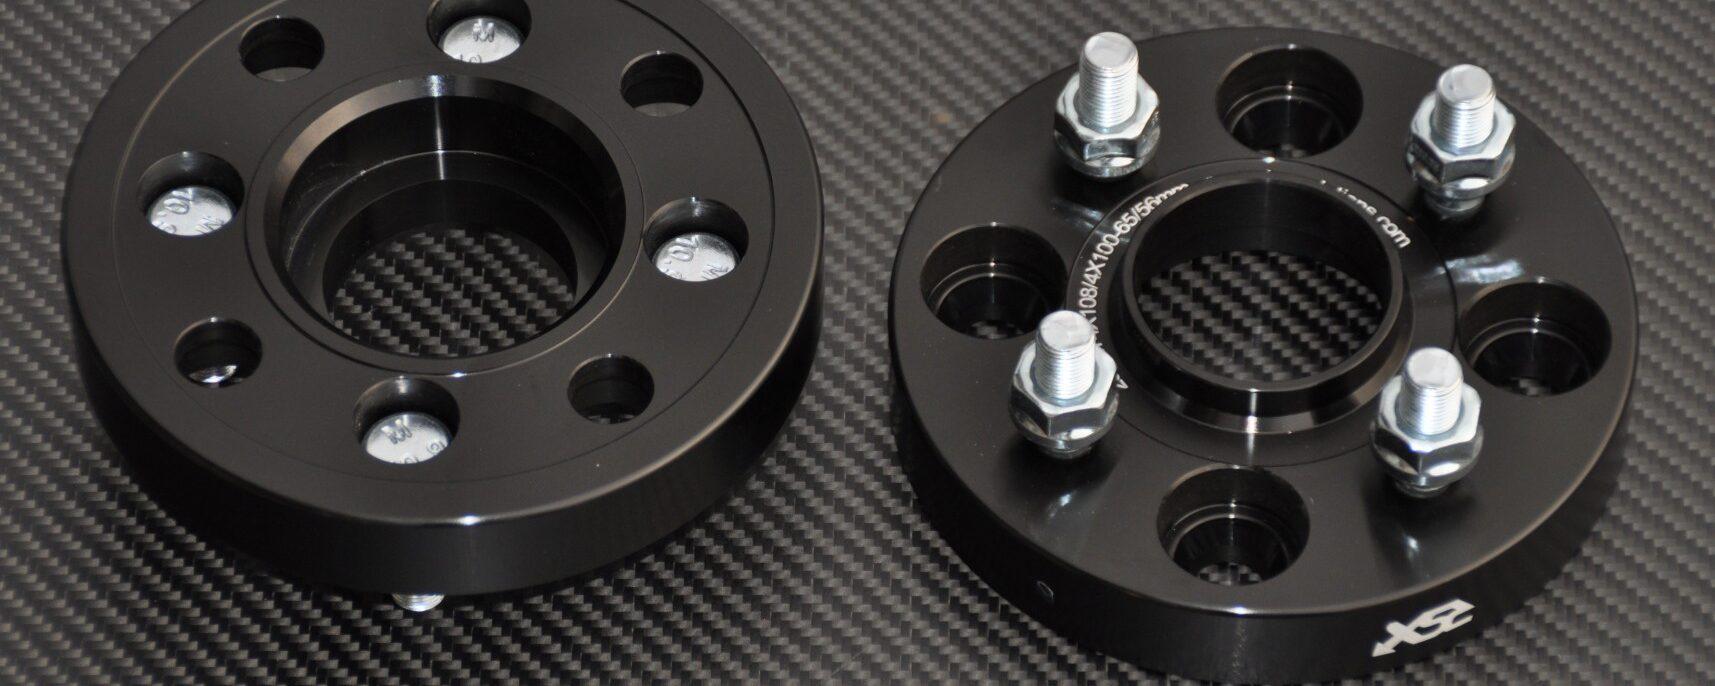 separadores RSX en VL Autocentro tenerife